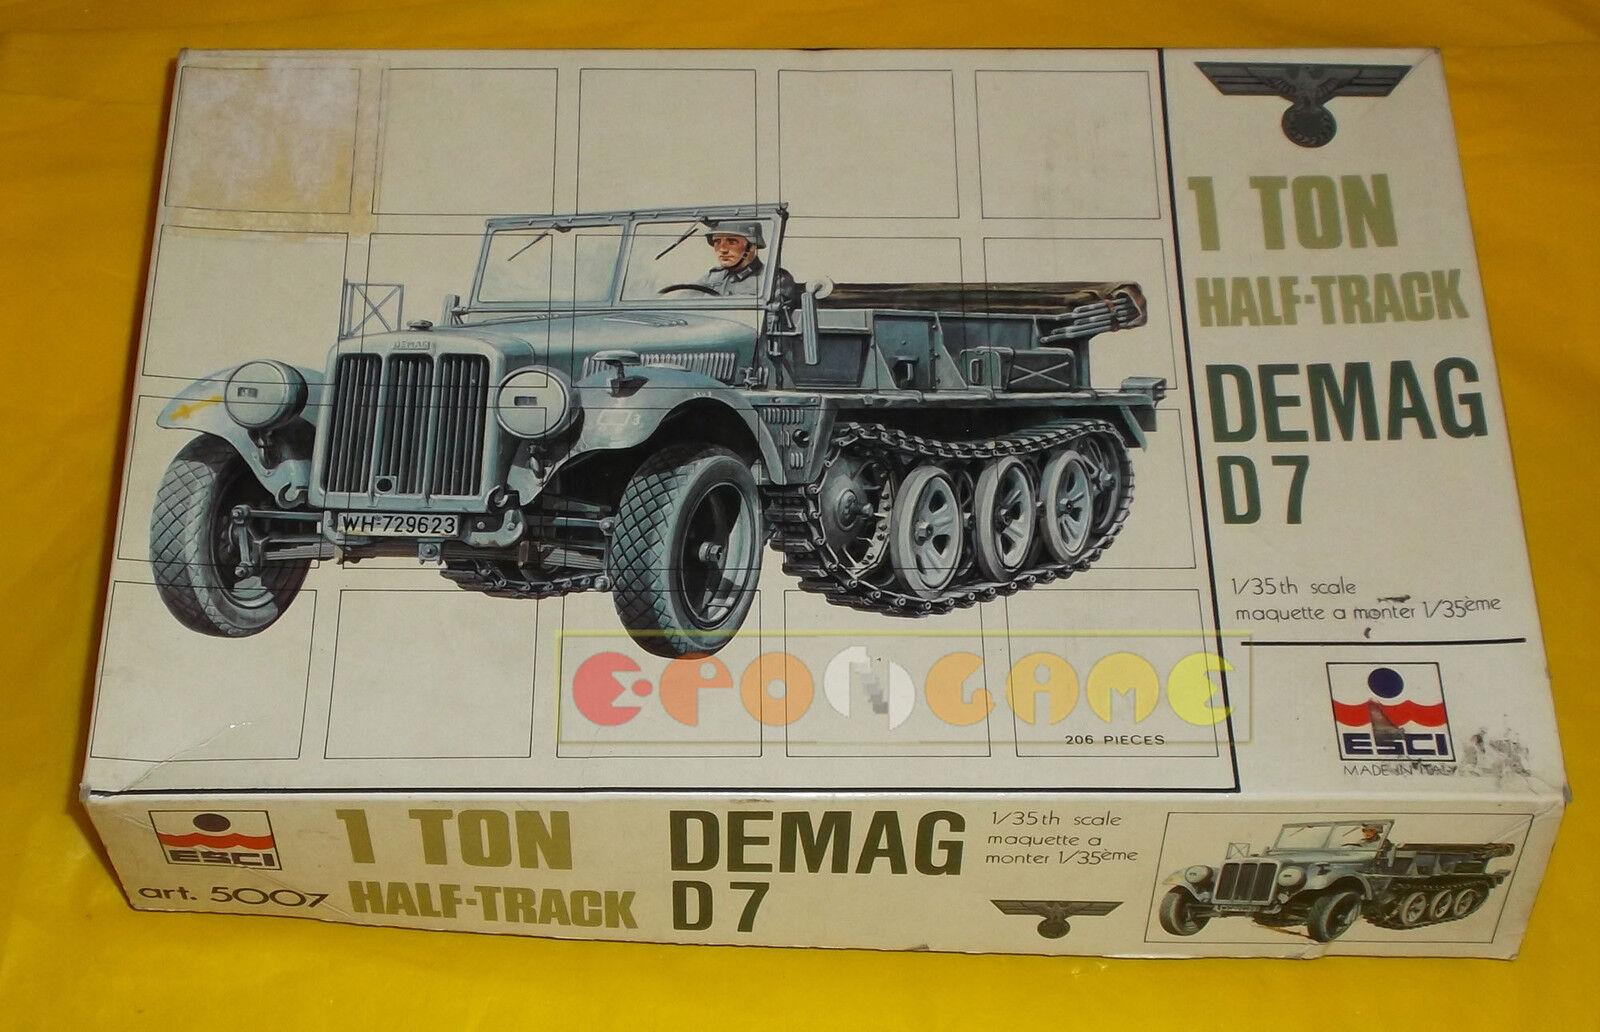 DEMAG D7 1 Ton Montaggio Half-Track 1/35 - Kit di Montaggio Ton (Model Kit) - COME NUOVO daa215